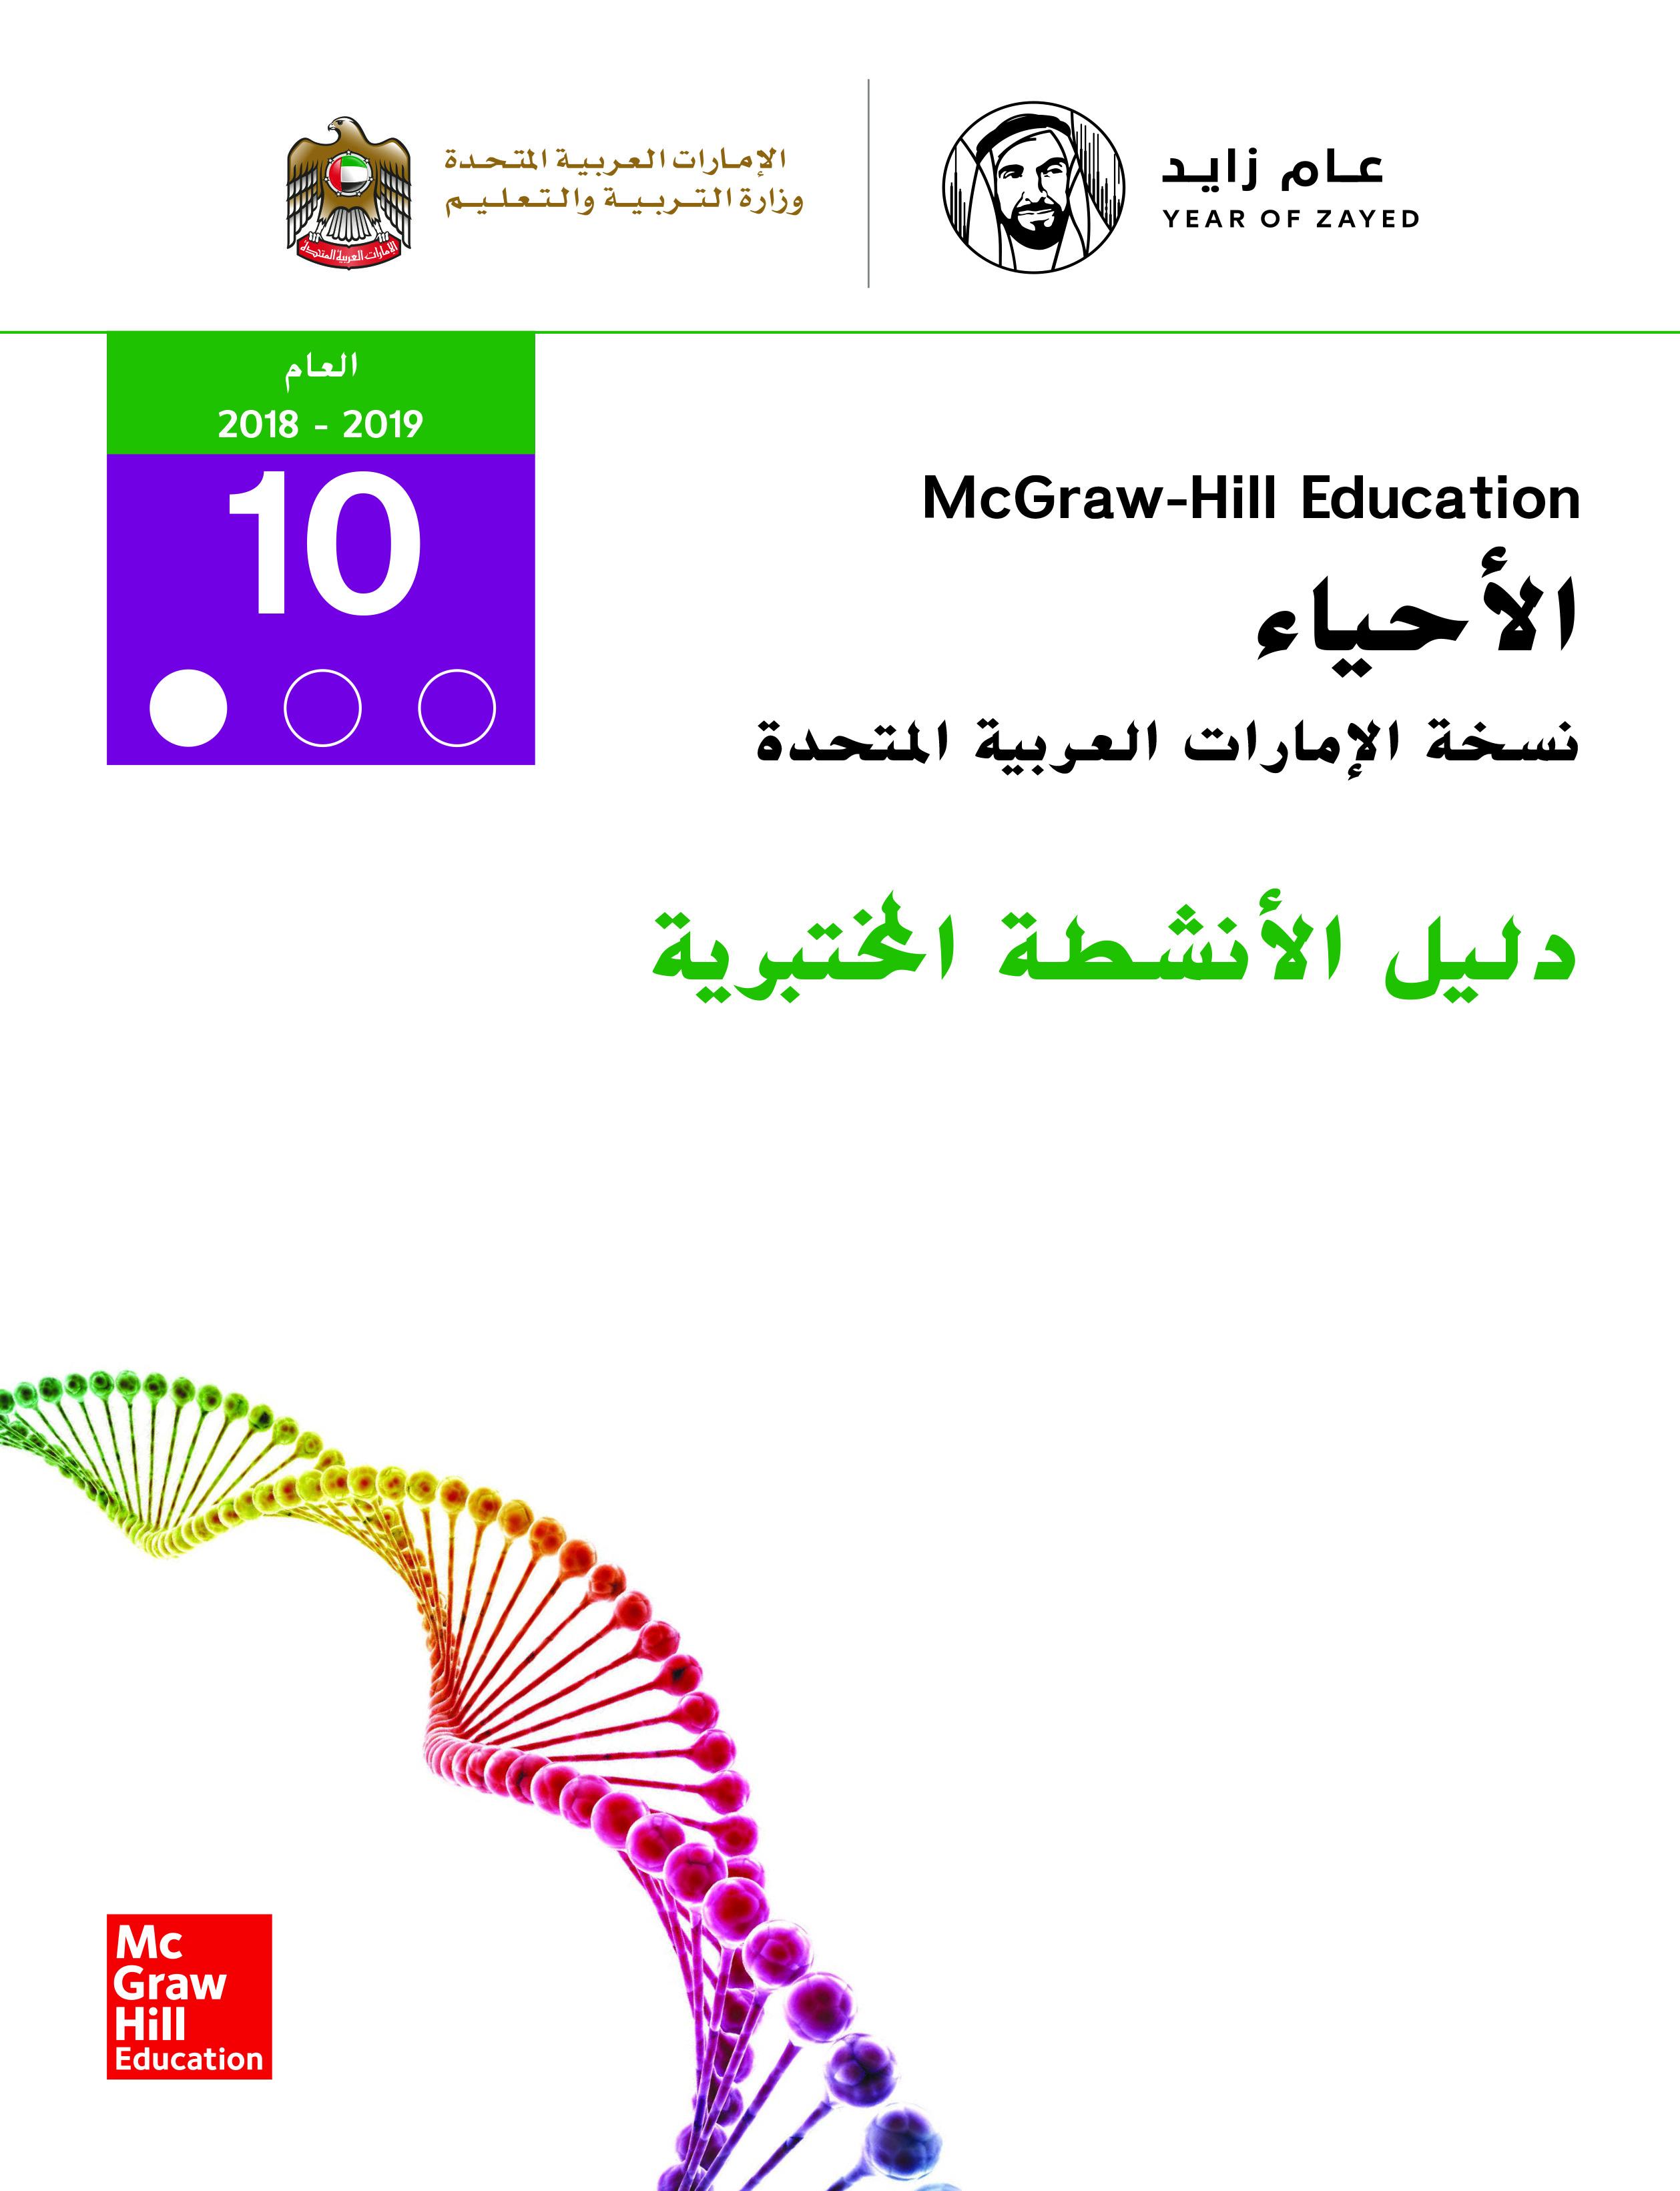 علوم الحياة- دليل الأنشطة المختبرية - كتاب الطالب - الصف العاشر العام  - الجزء الأول